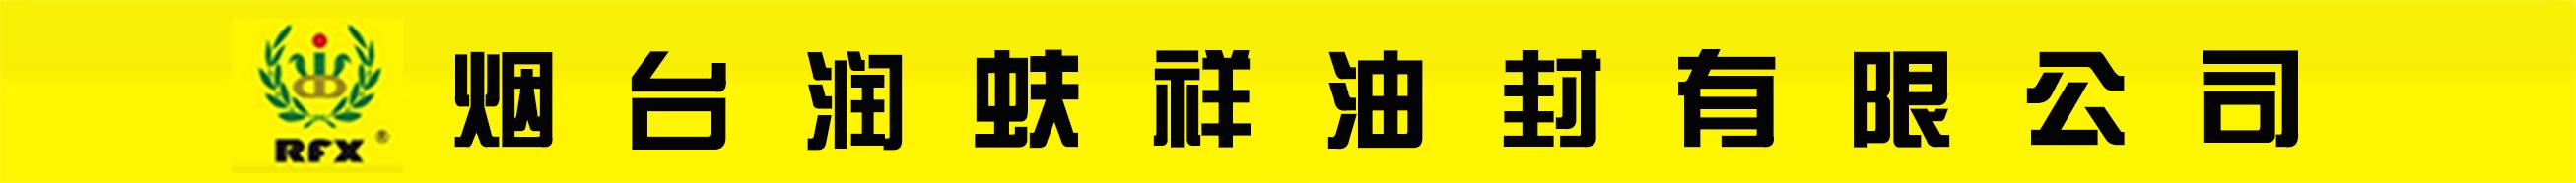 烟台润蚨祥油封有限公司